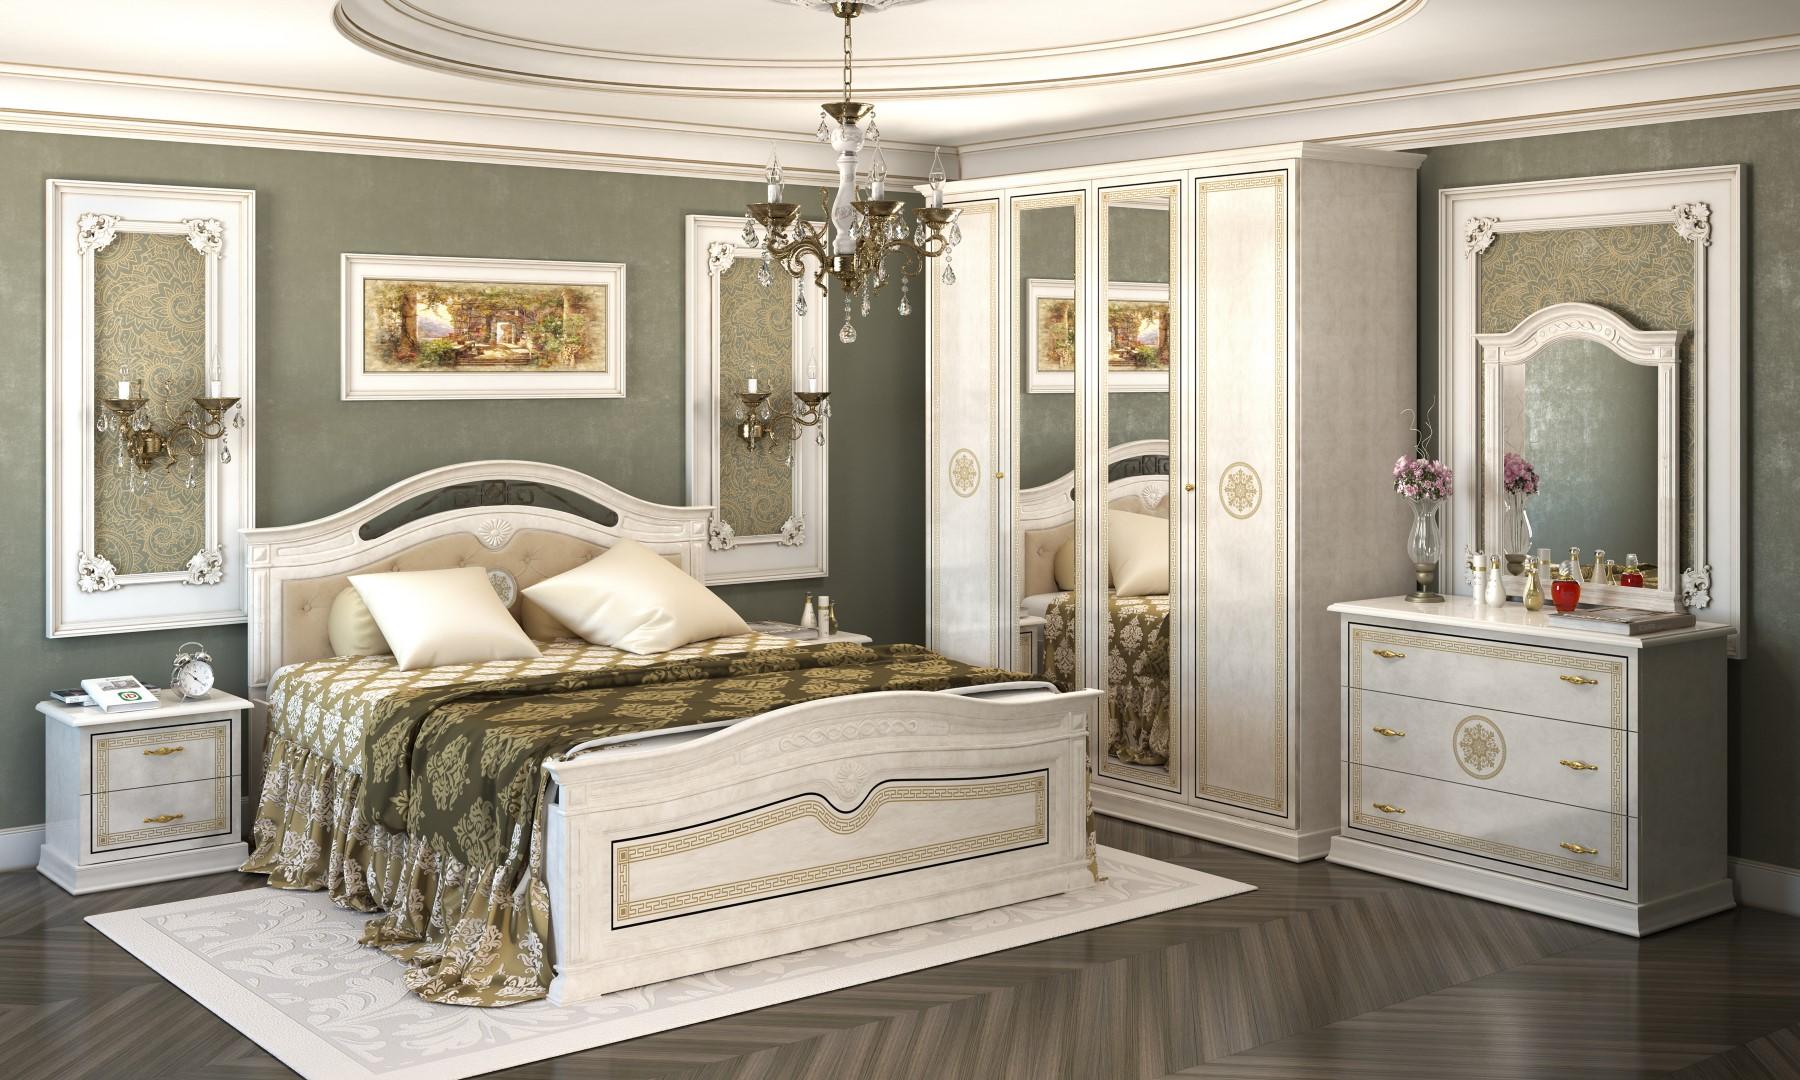 Спальня Интердизайн Версаль бежевый/бежевый